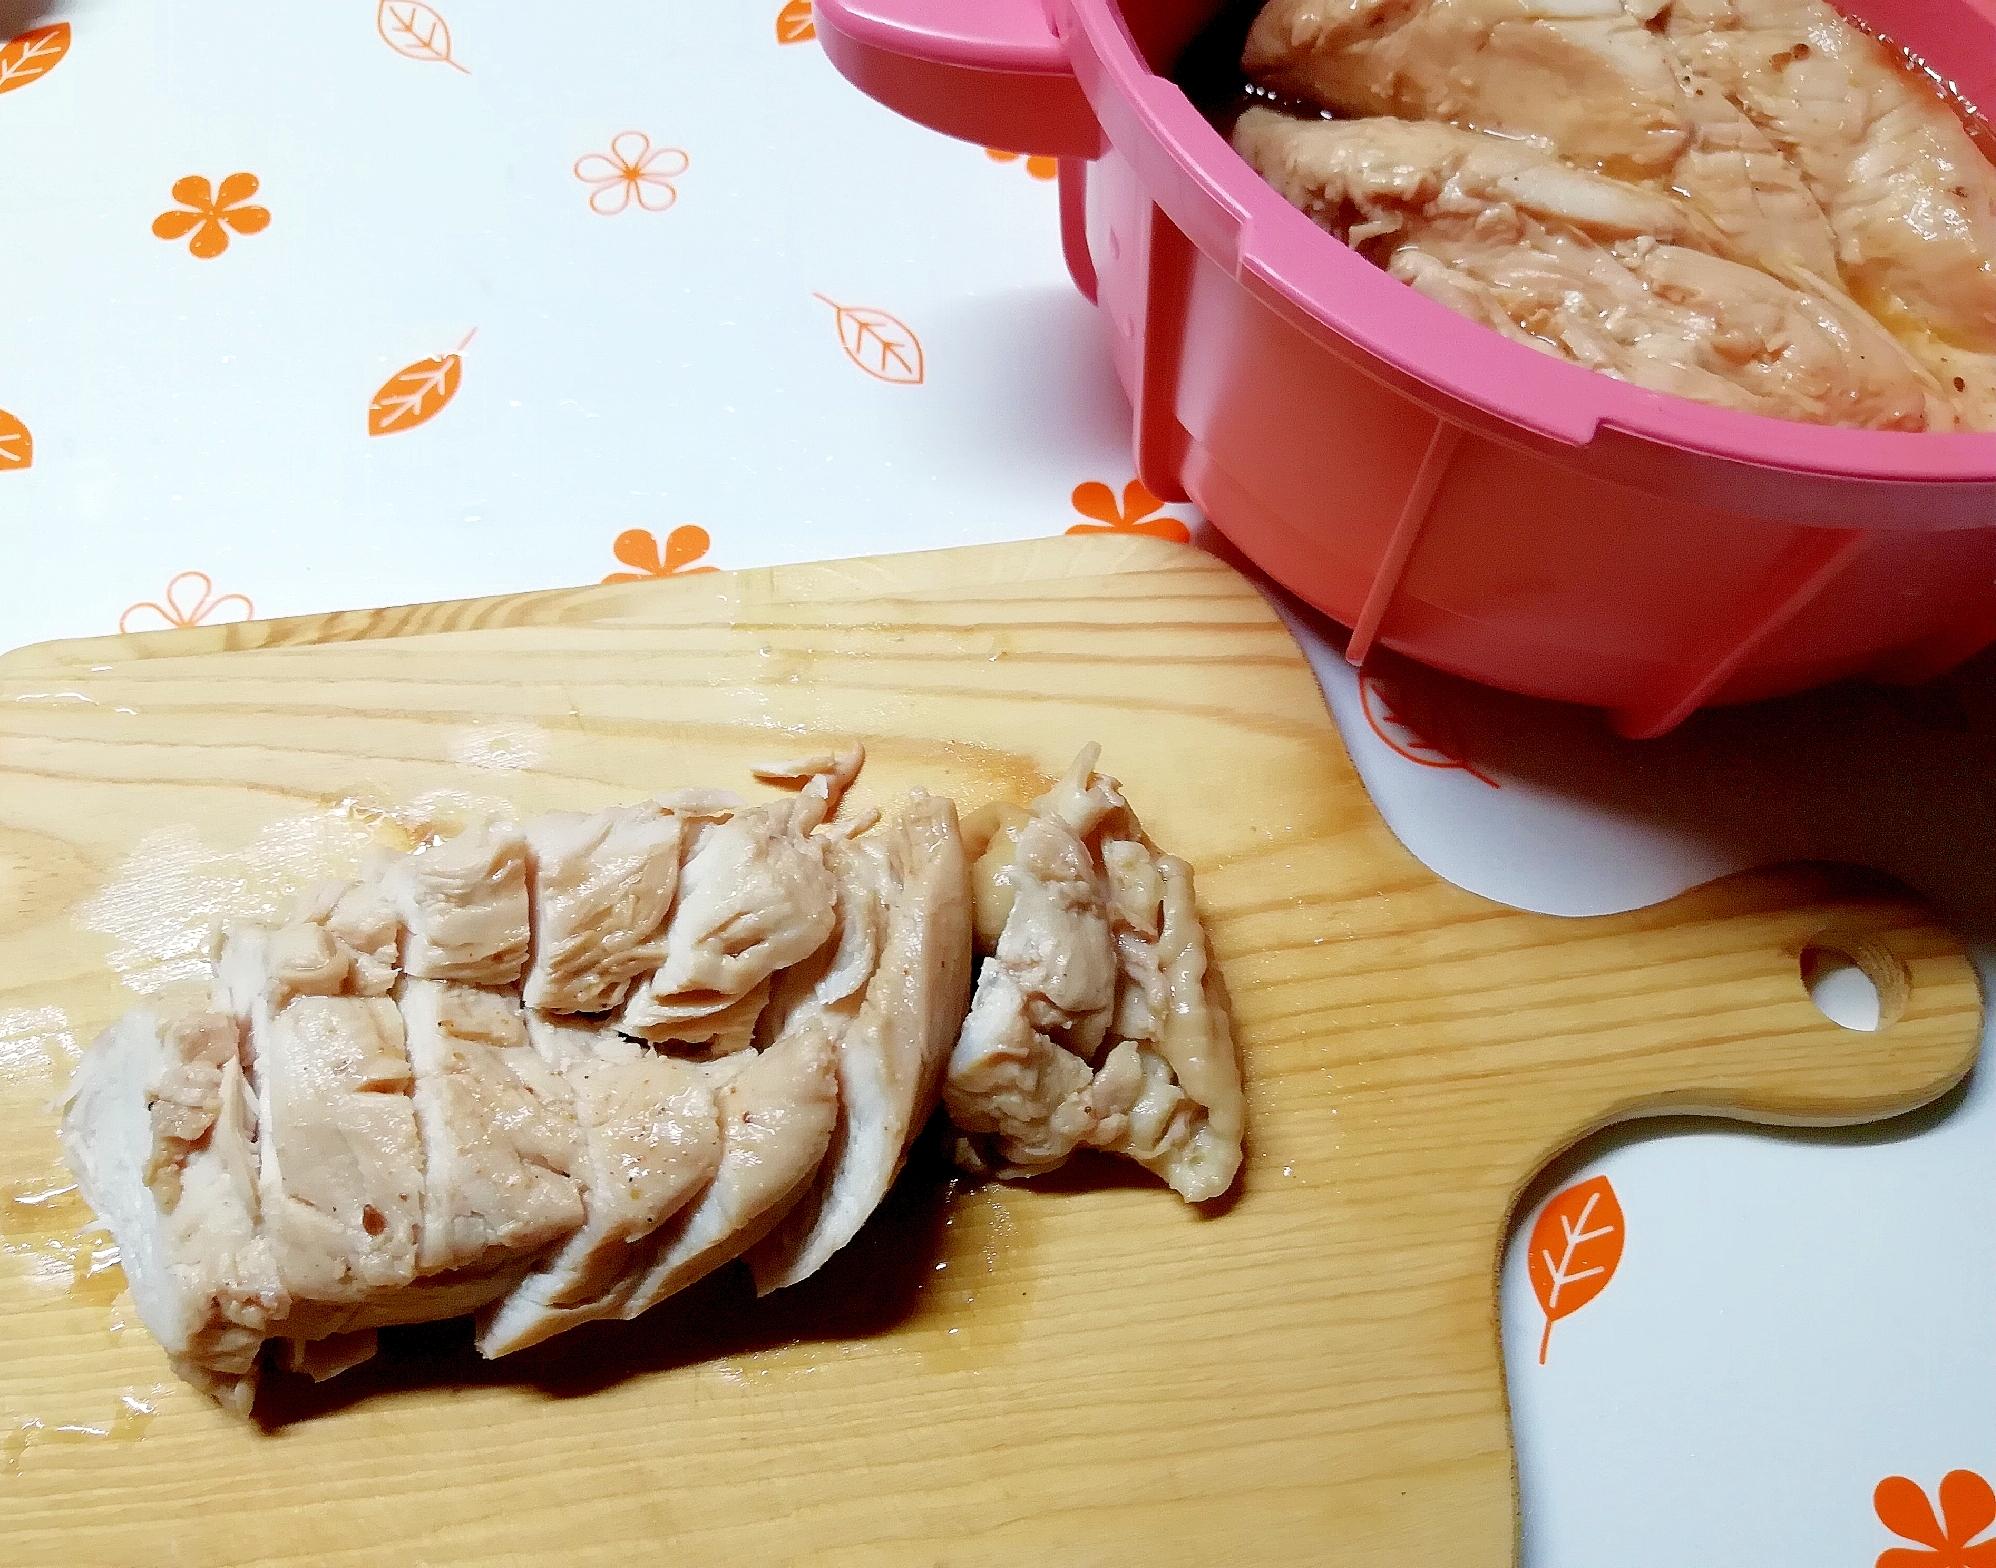 塩糖水でしっとり、鶏むね肉でチャーシュー